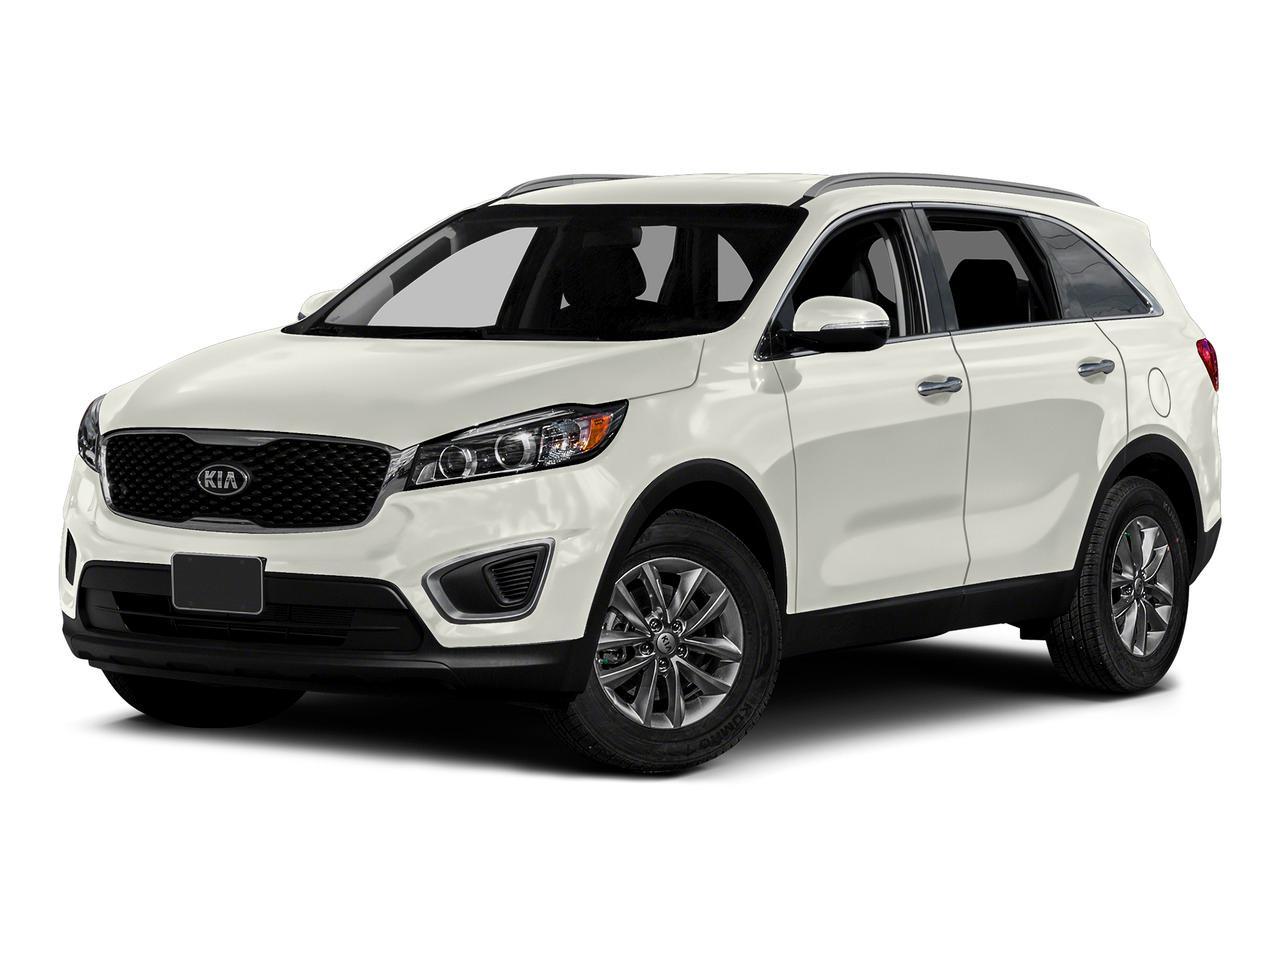 2016 Kia Sorento Vehicle Photo in SELMA, TX 78154-1459